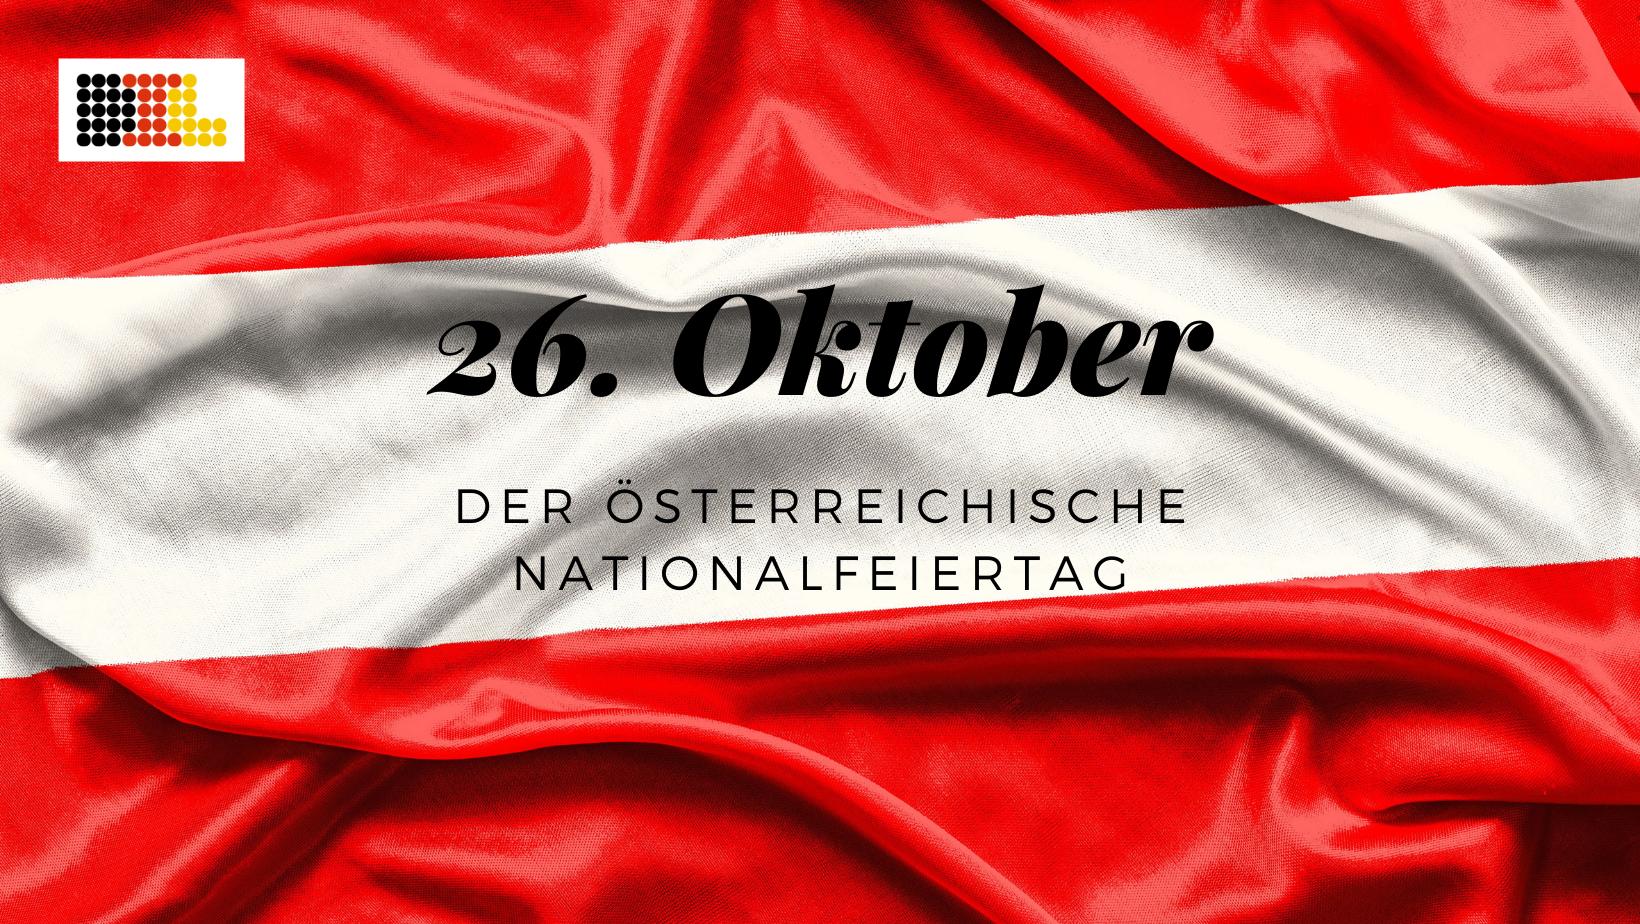 26. Oktober - Der österreichische Nationalfeiertag